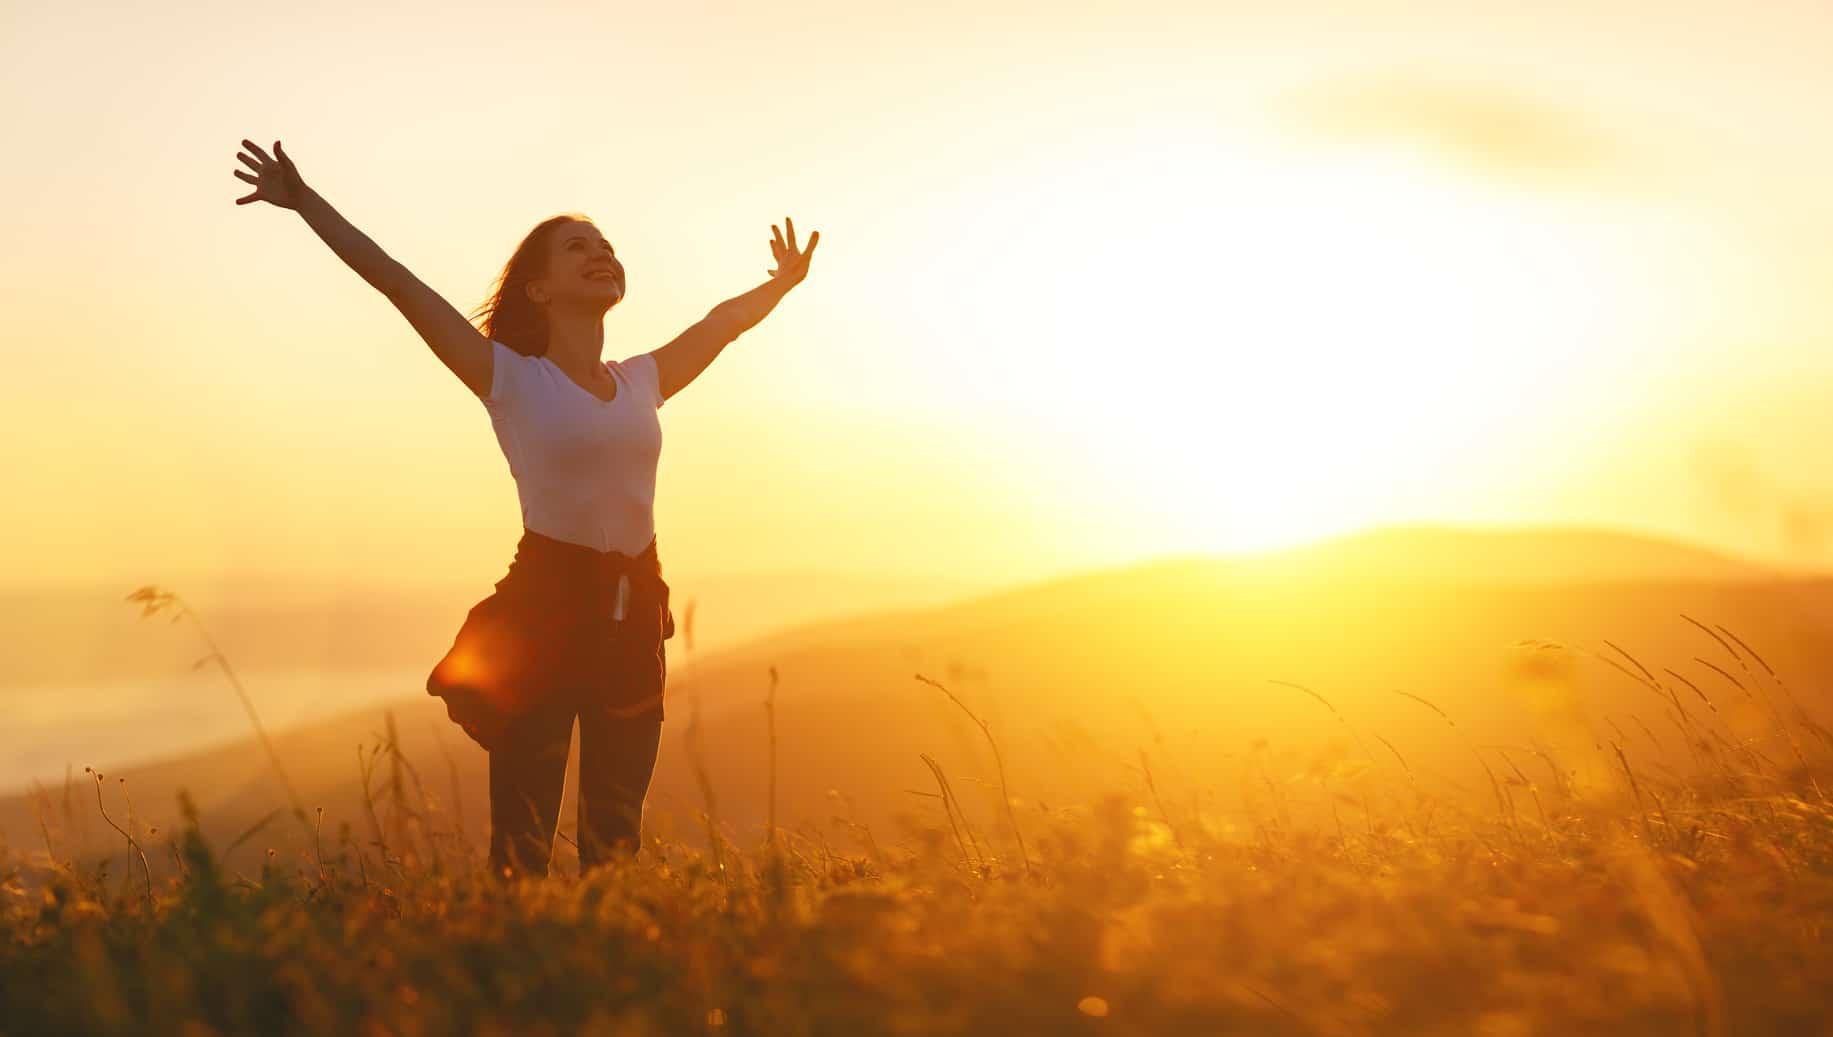 Eine junge Frau steht auf einer großen Wiese im Morgennebel und streckt beide Arme in den Himmel. Mit dieser Gestik zeigt sie deutlich, dass sie mit dem Programm der unibee Institute, ihr Selbstbewusstsein zurück erlangen konnte und positiv in die Zukunft schaut. Im Hintergrund sind 2 große Berge zu sehen. Bekleidet ist die Frau mit einem weissen T-shirt, blaue Jeanshode und hat eine rote Jacke um die Hüfte gebunden. Die langen braunen Haare wehen im Wind.